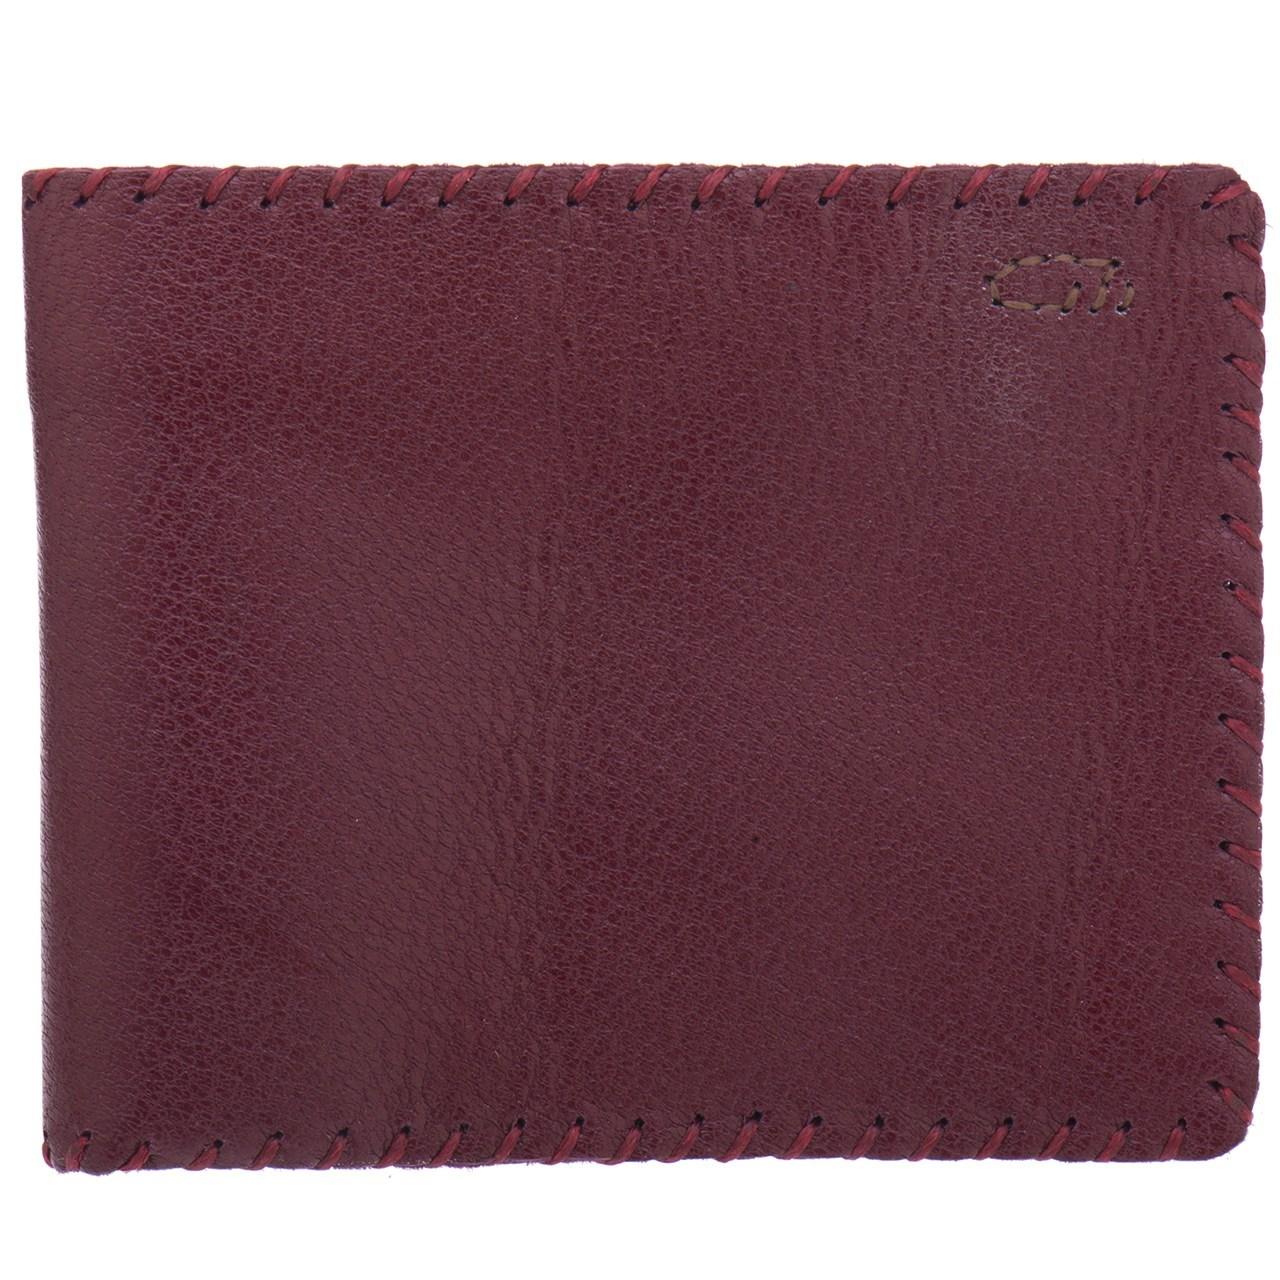 کیف پول چرم طبیعی گالری راد مدل جیبی